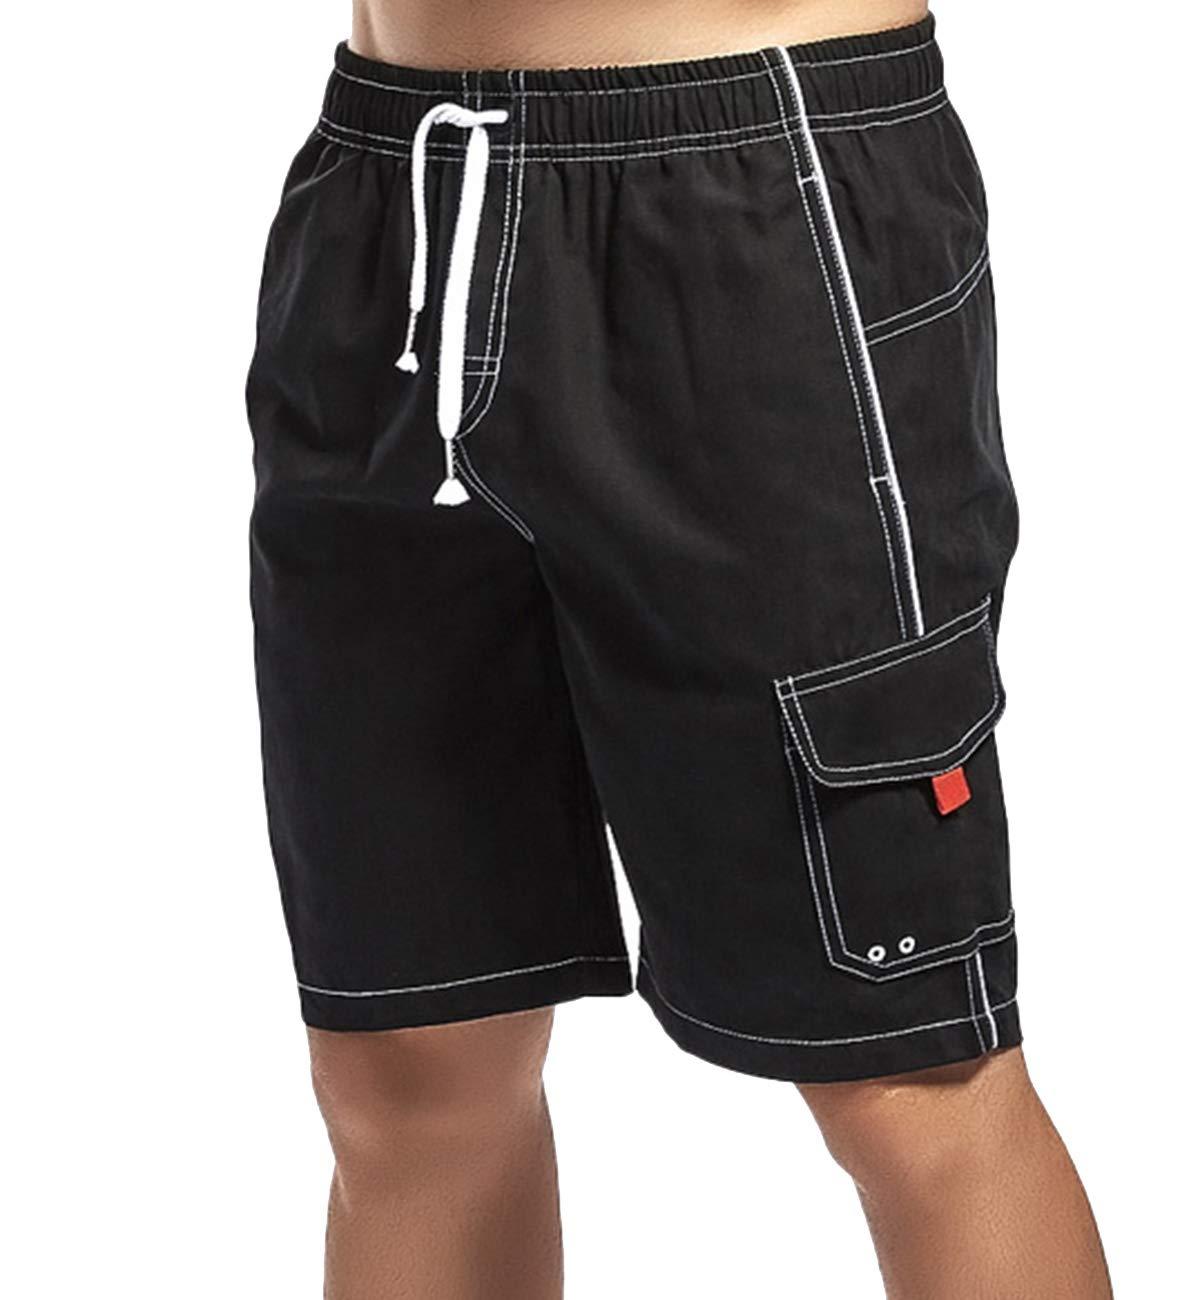 e224b0bd07 Lachi Homme Shorts de Bain Plage Maillot de Bain Natation Bermuda Long Pant  Court de Sport Beach Séchage Rapide Doublure en Maille